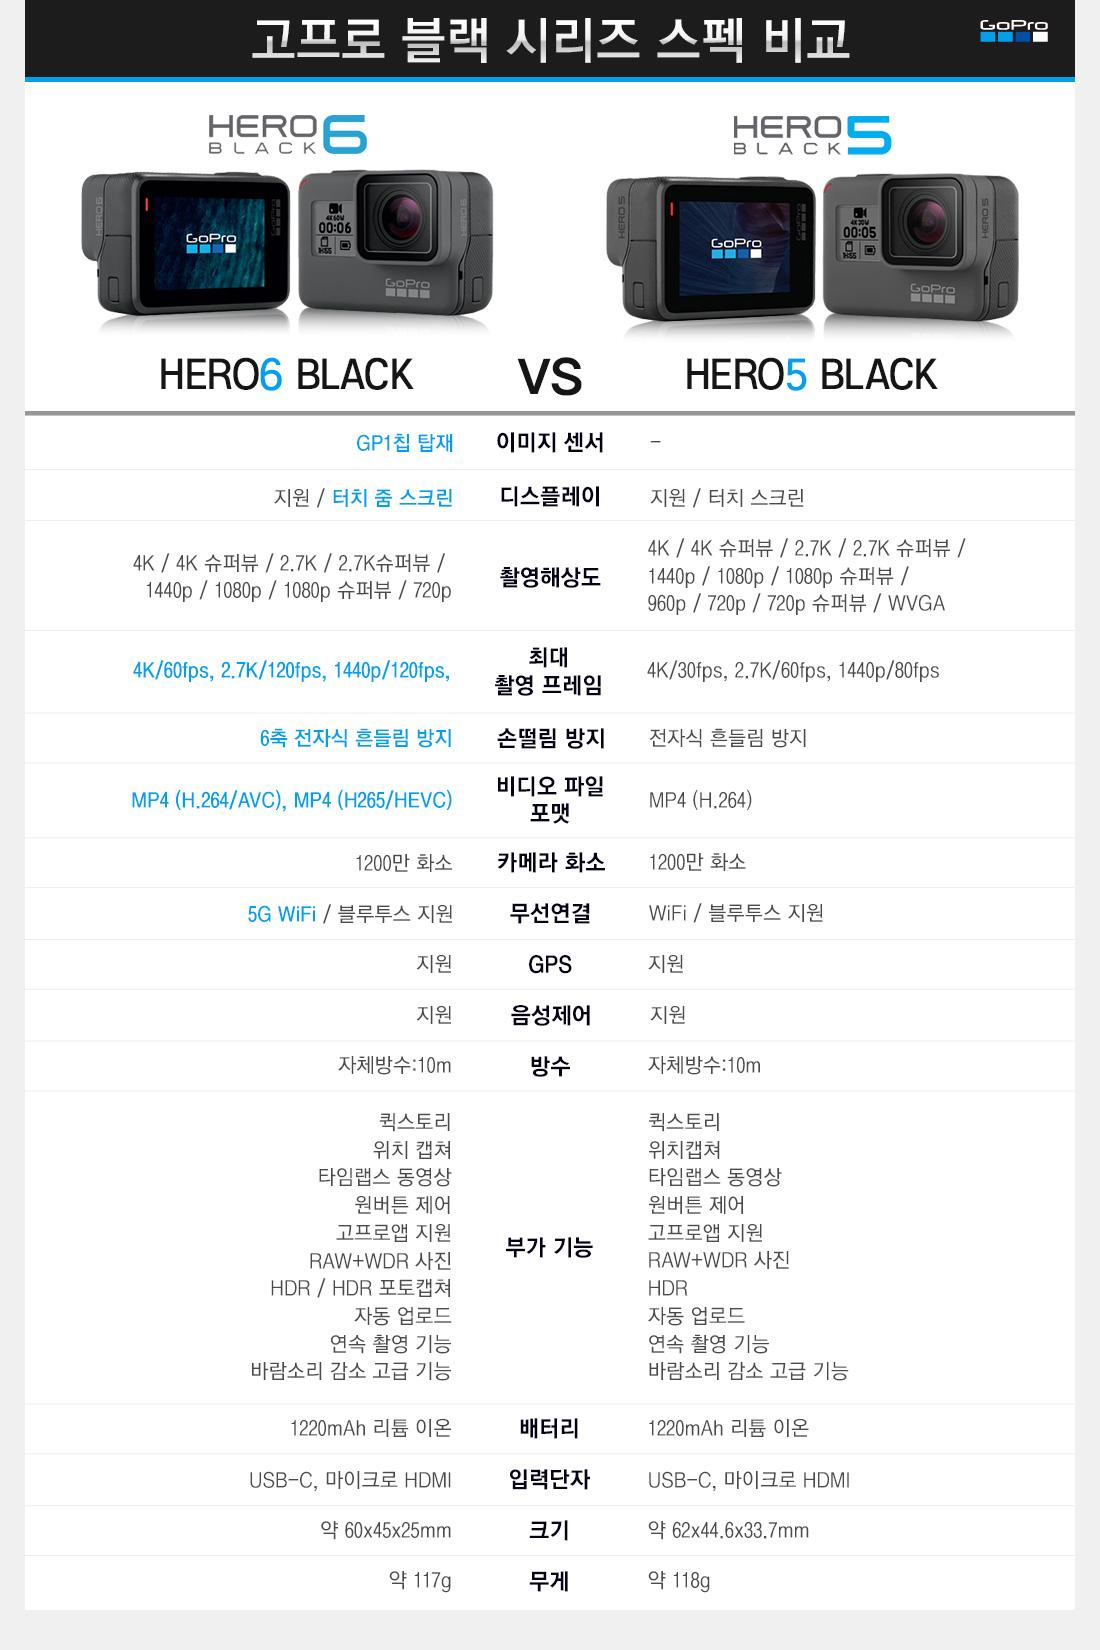 고프로 블랙 시리즈 스펙 비교